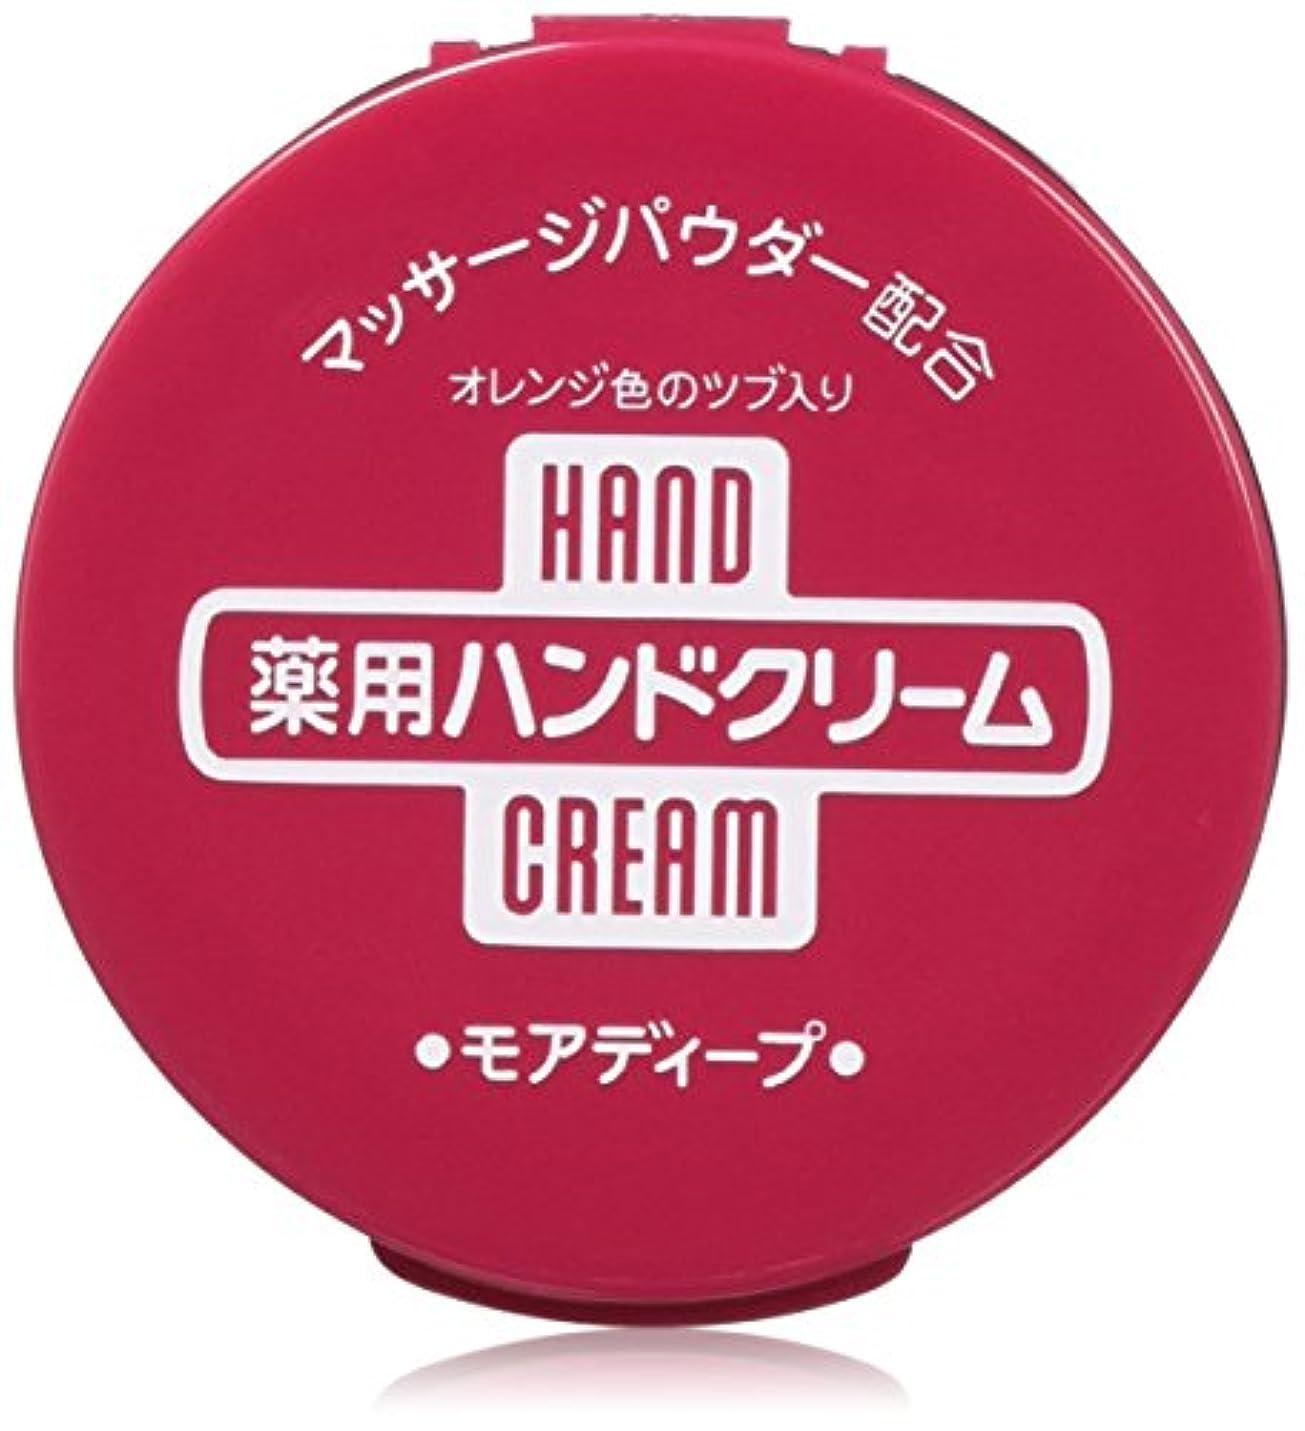 甘味スチュワーデスリード【まとめ買い】薬用ハンドクリーム モアディープ 100g×12個